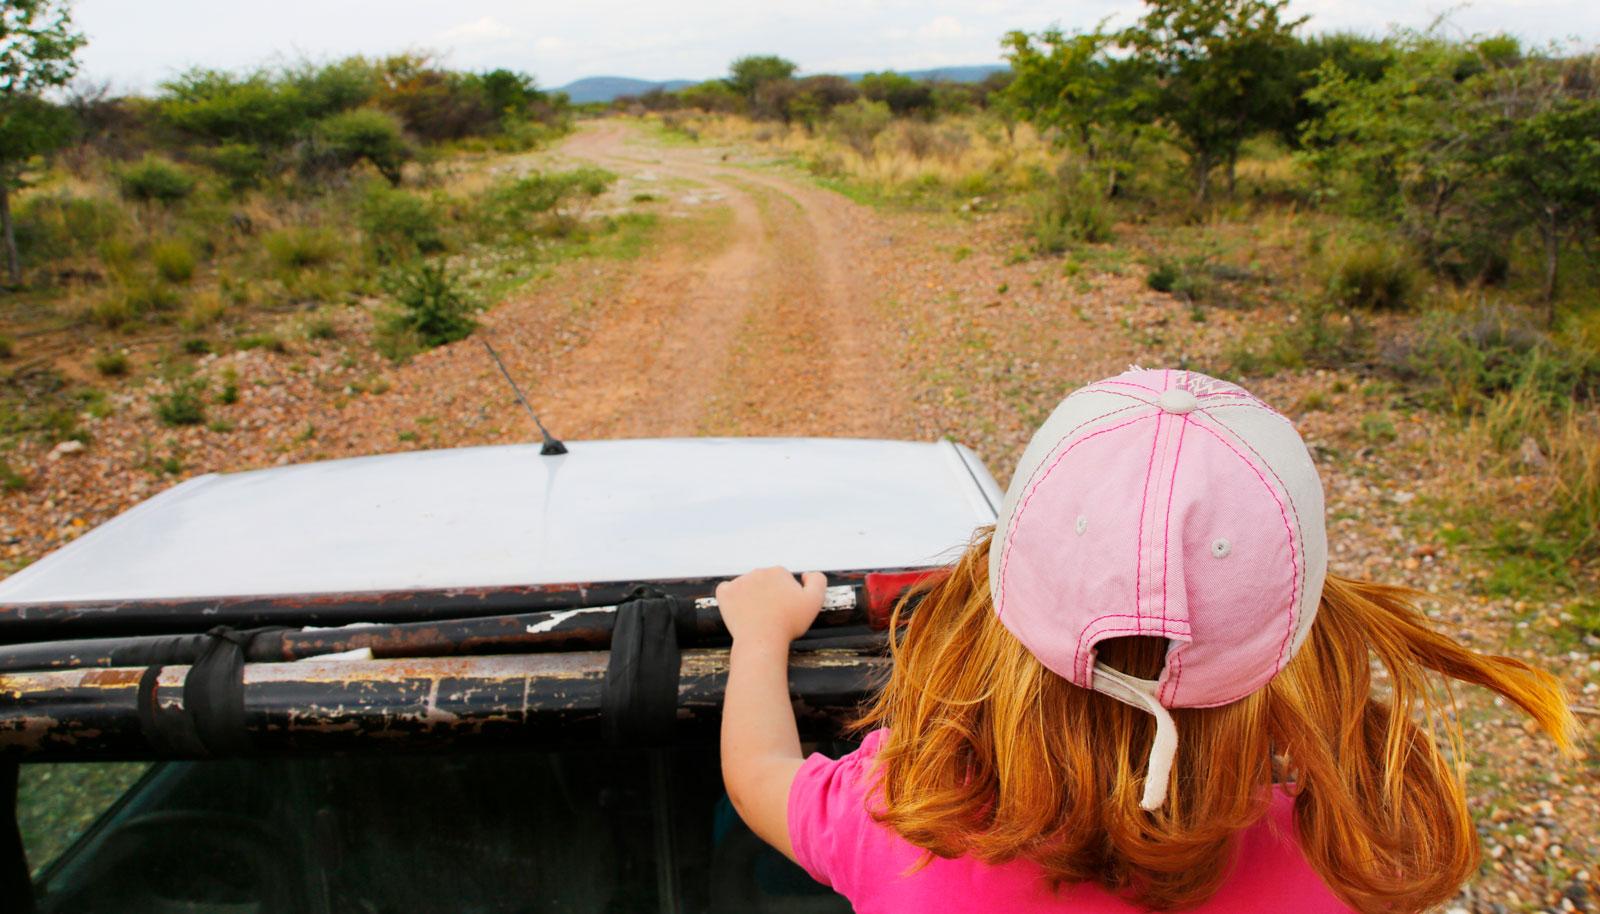 """På spaning efter geparder """"The African way"""" – med utmärkt utsikt från ett pickupflak."""